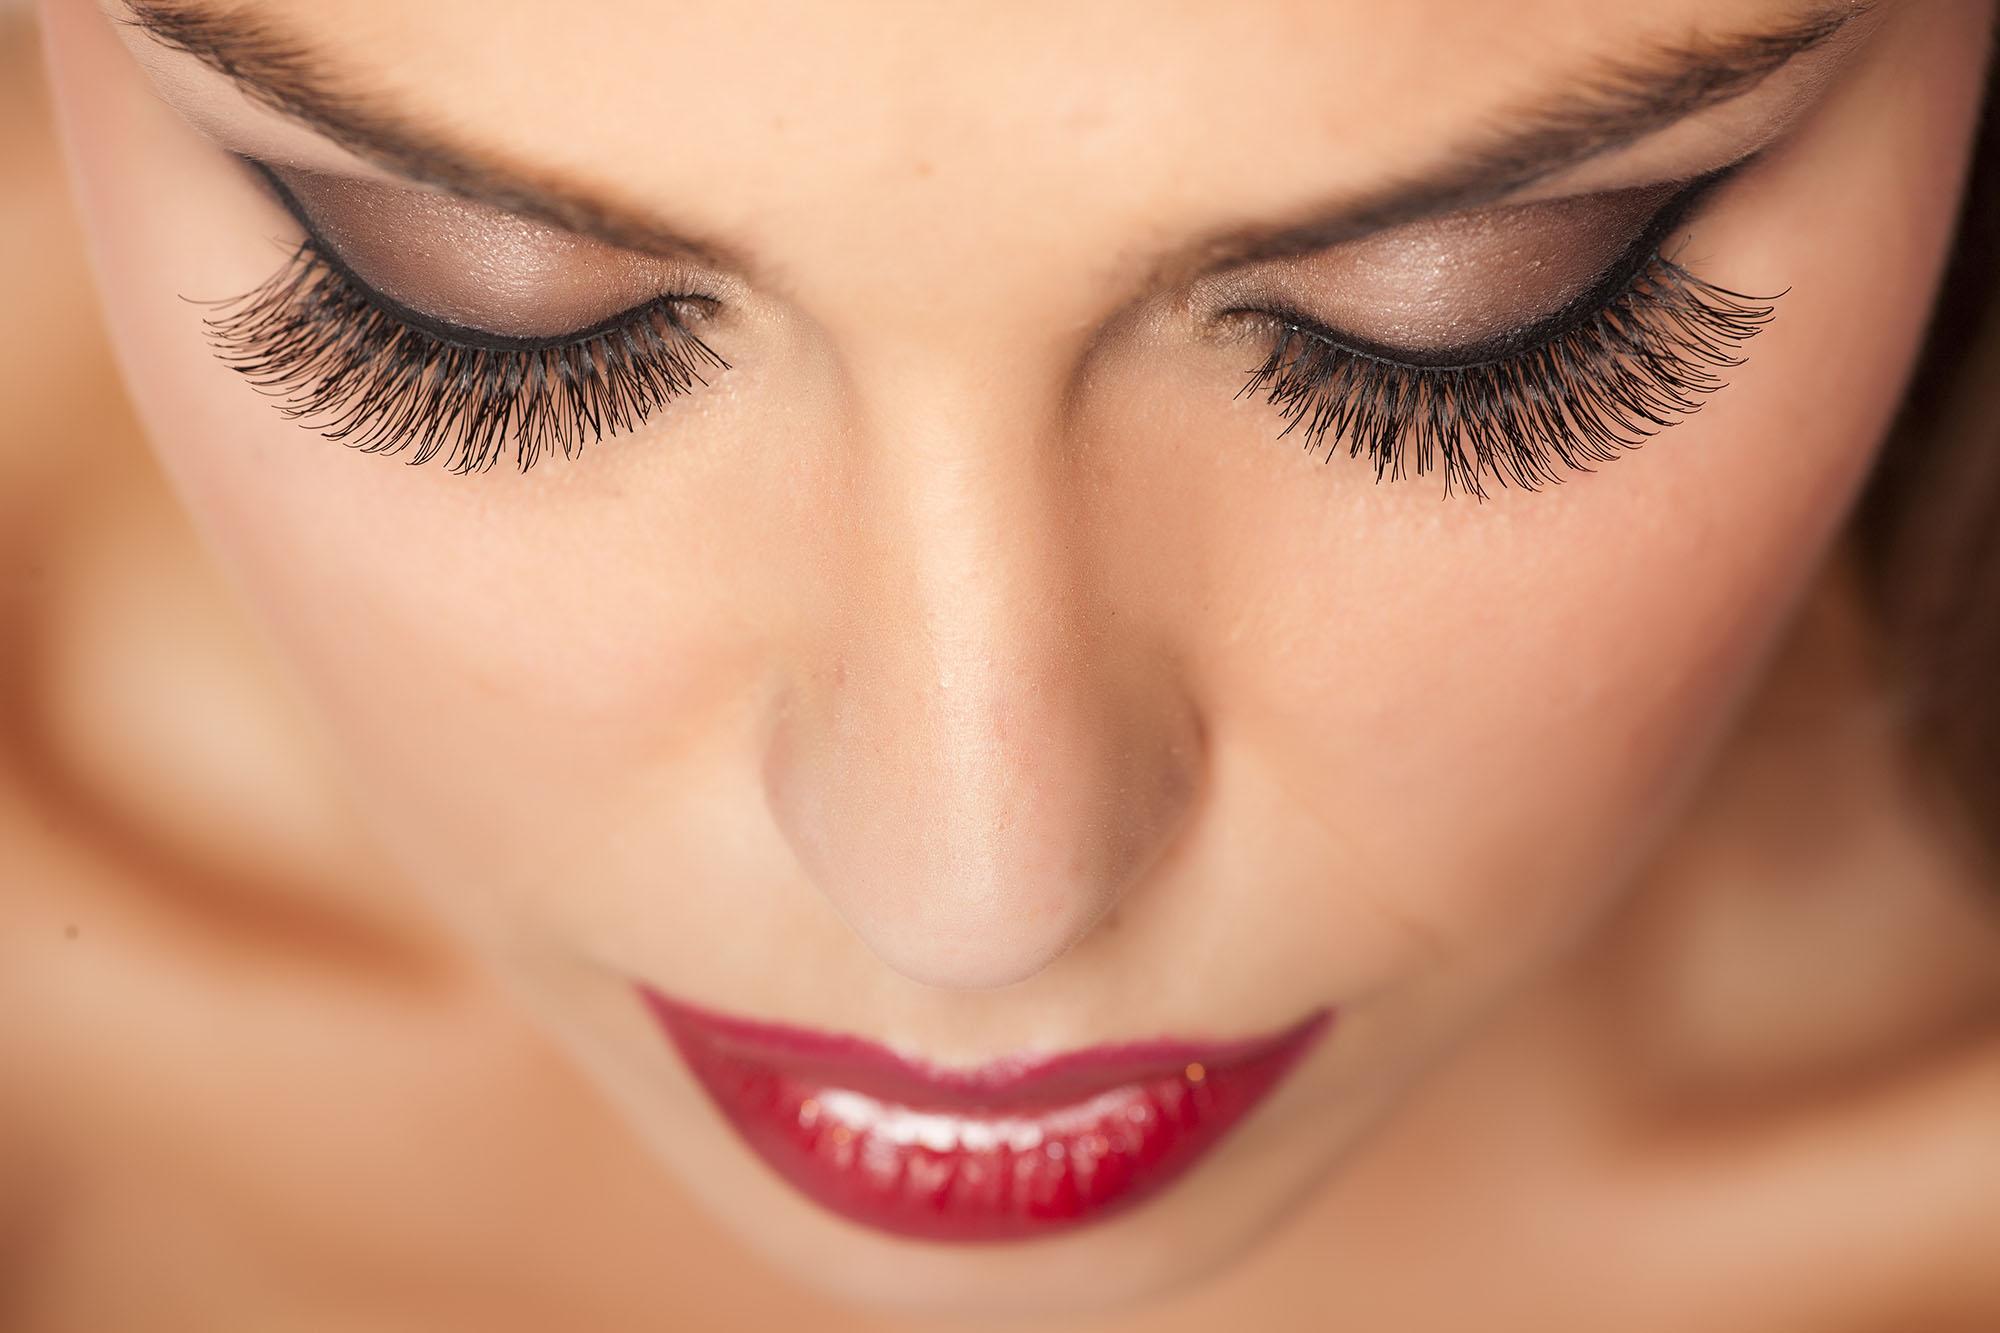 Odżywki do wzmocnienia rzęs | Blog kosmetyczny e-pomadka.pl